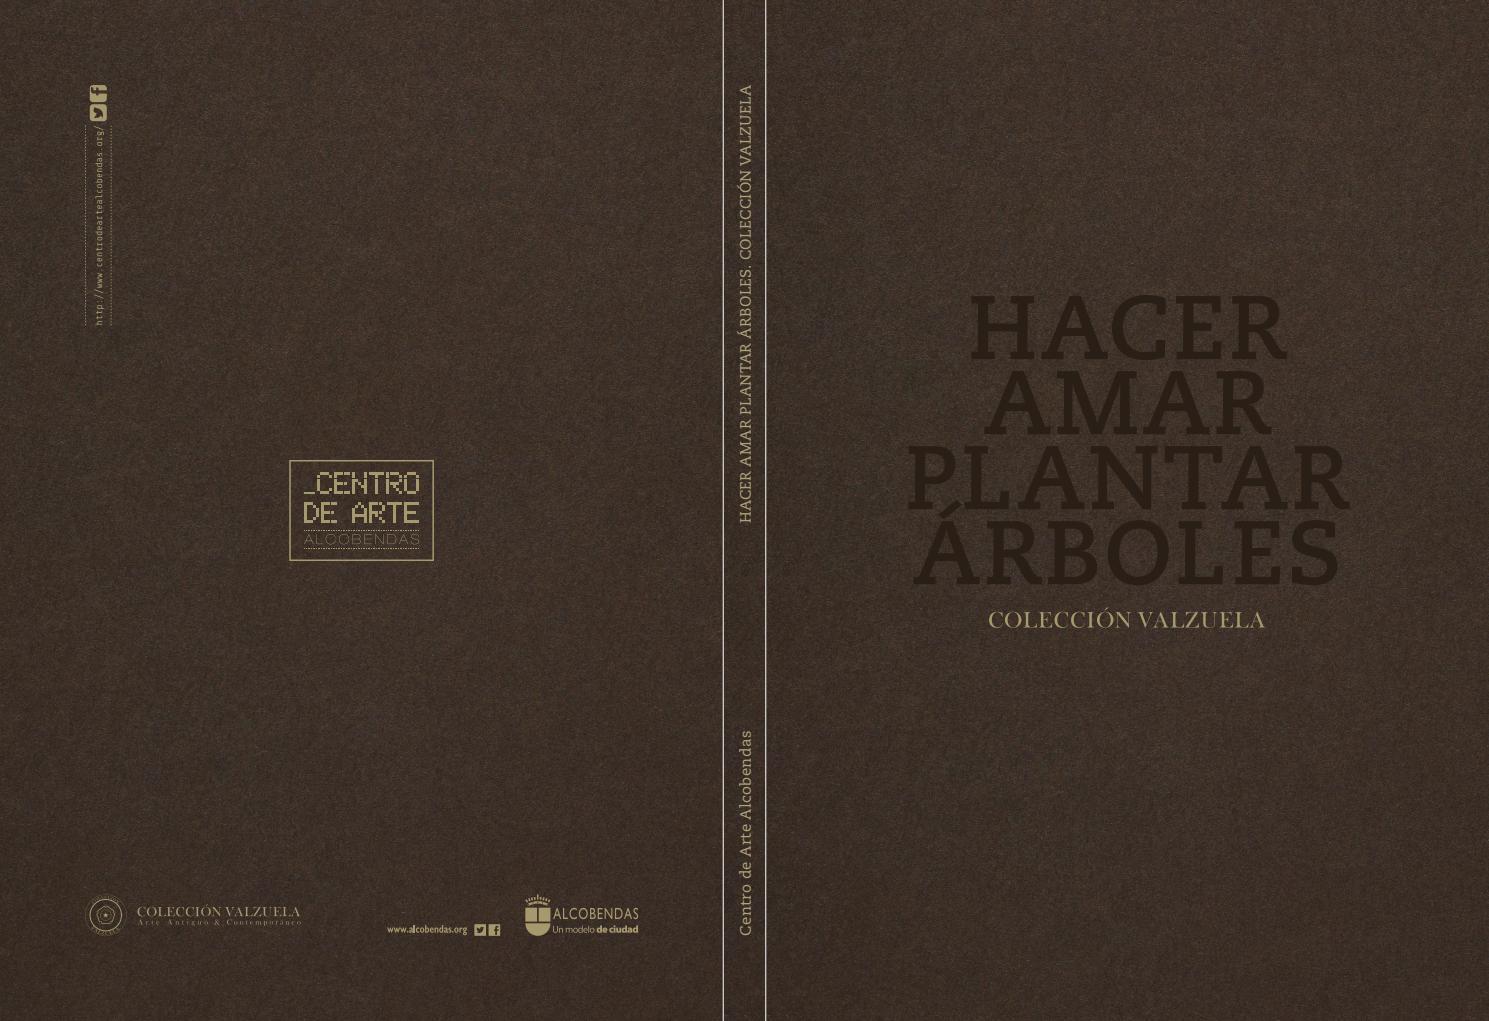 Hacer Amar Plantar Rboles Colecci N Valzuela By Centro De Arte  # Muebles Kassel Concepcion